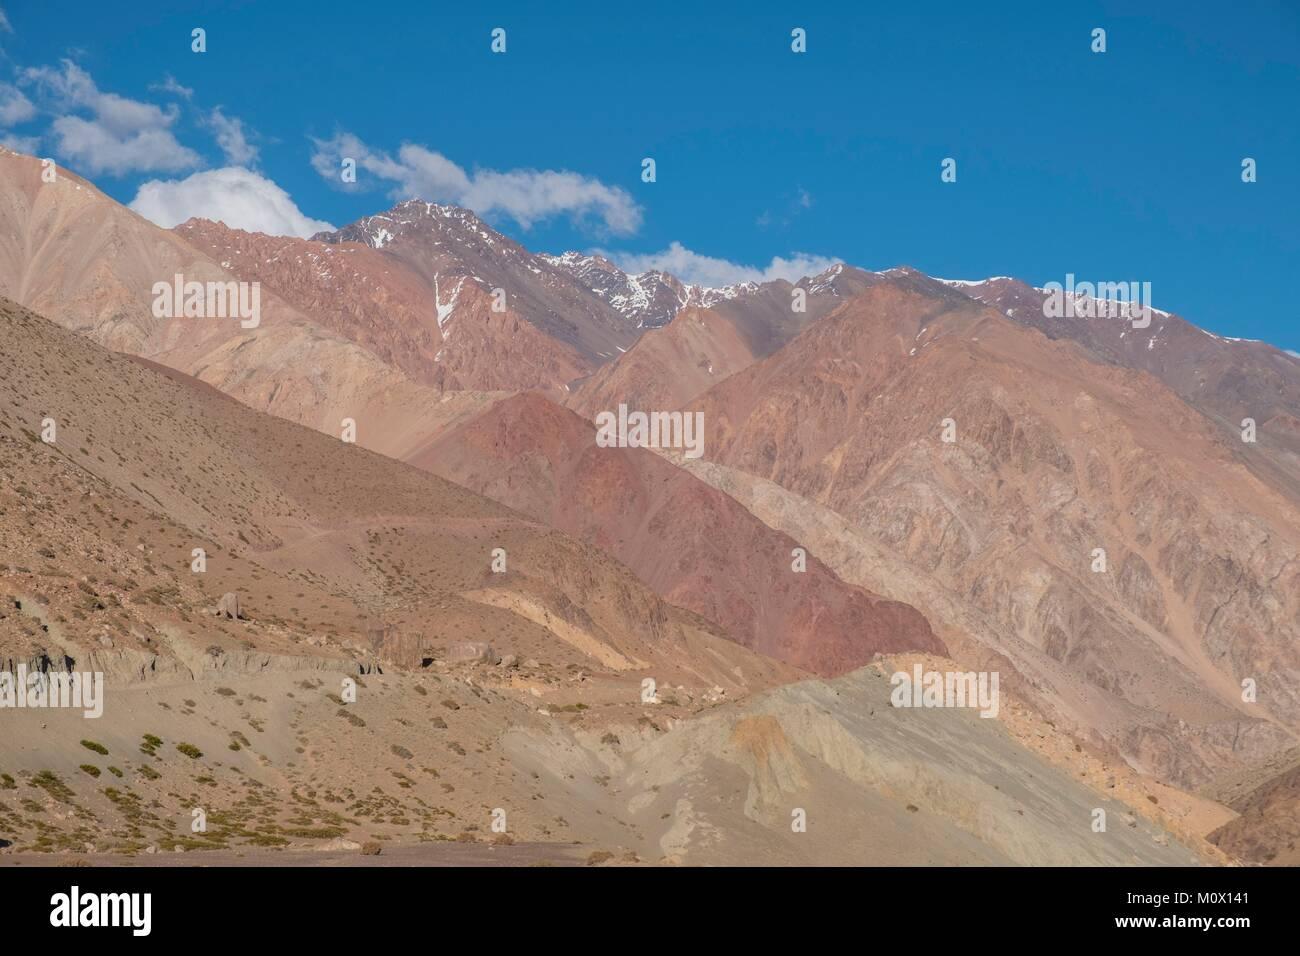 Argentina,San Juan Province,Barreal,Rio de Los Patos valley - Stock Image